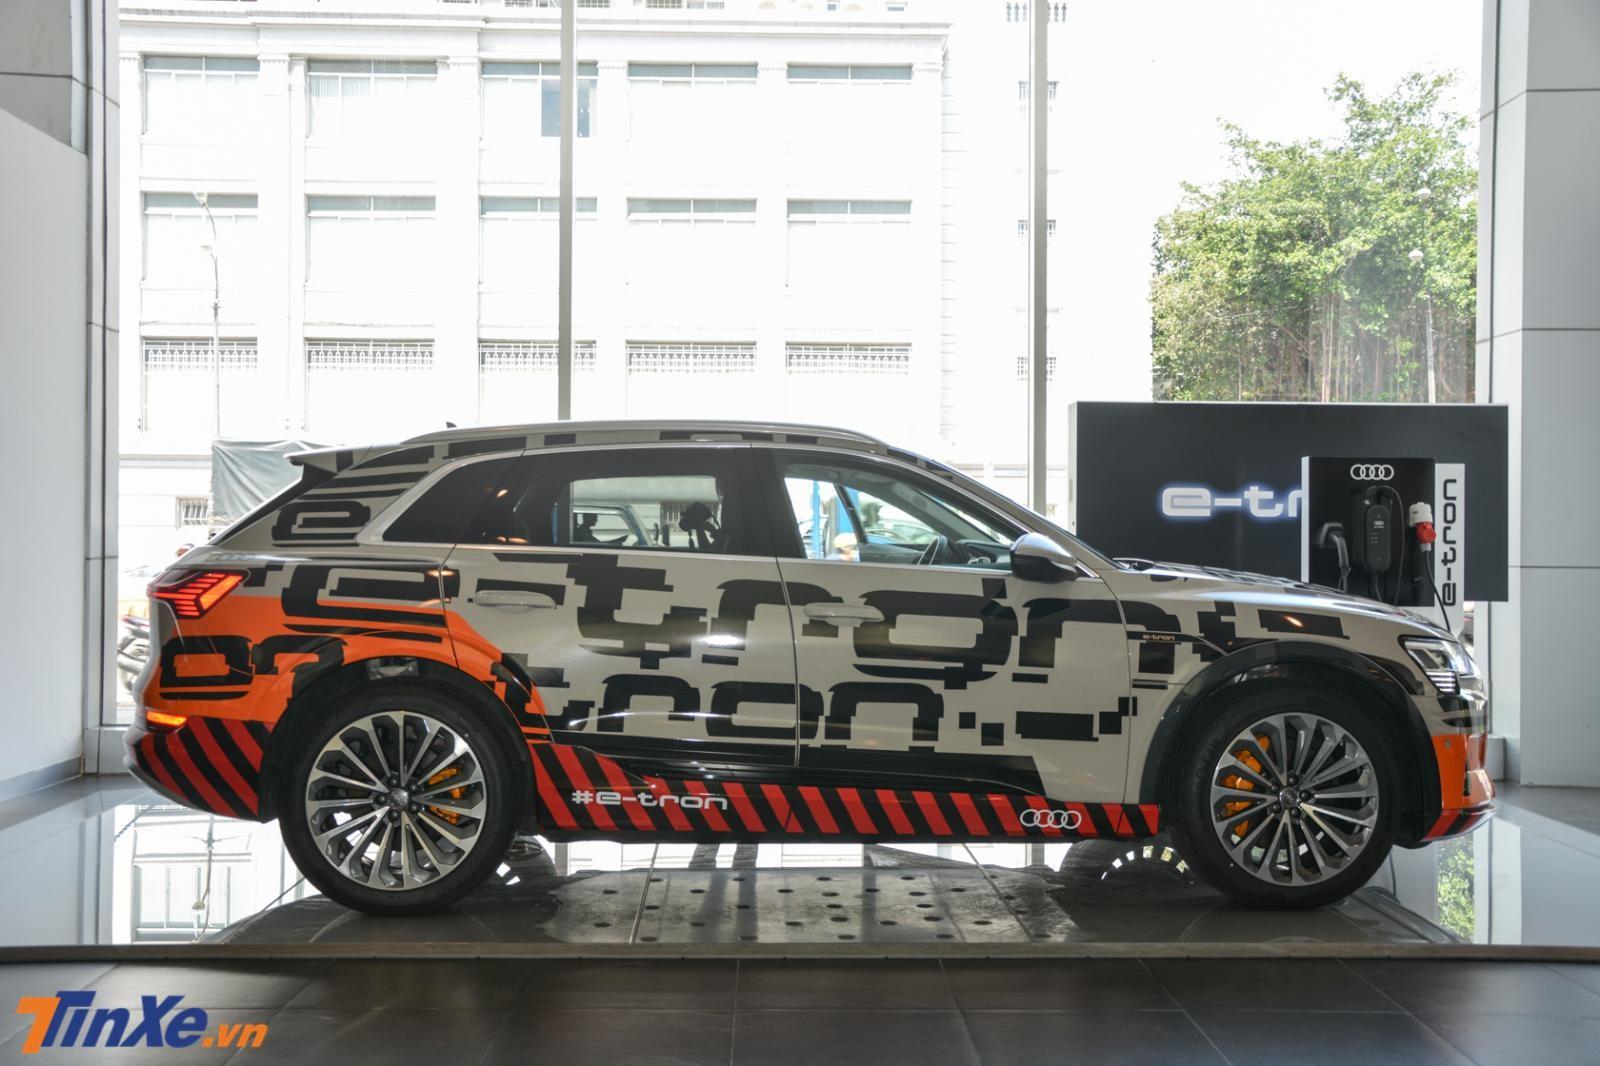 Đây cũng là chiếc xe điện đầu tiên của Audi